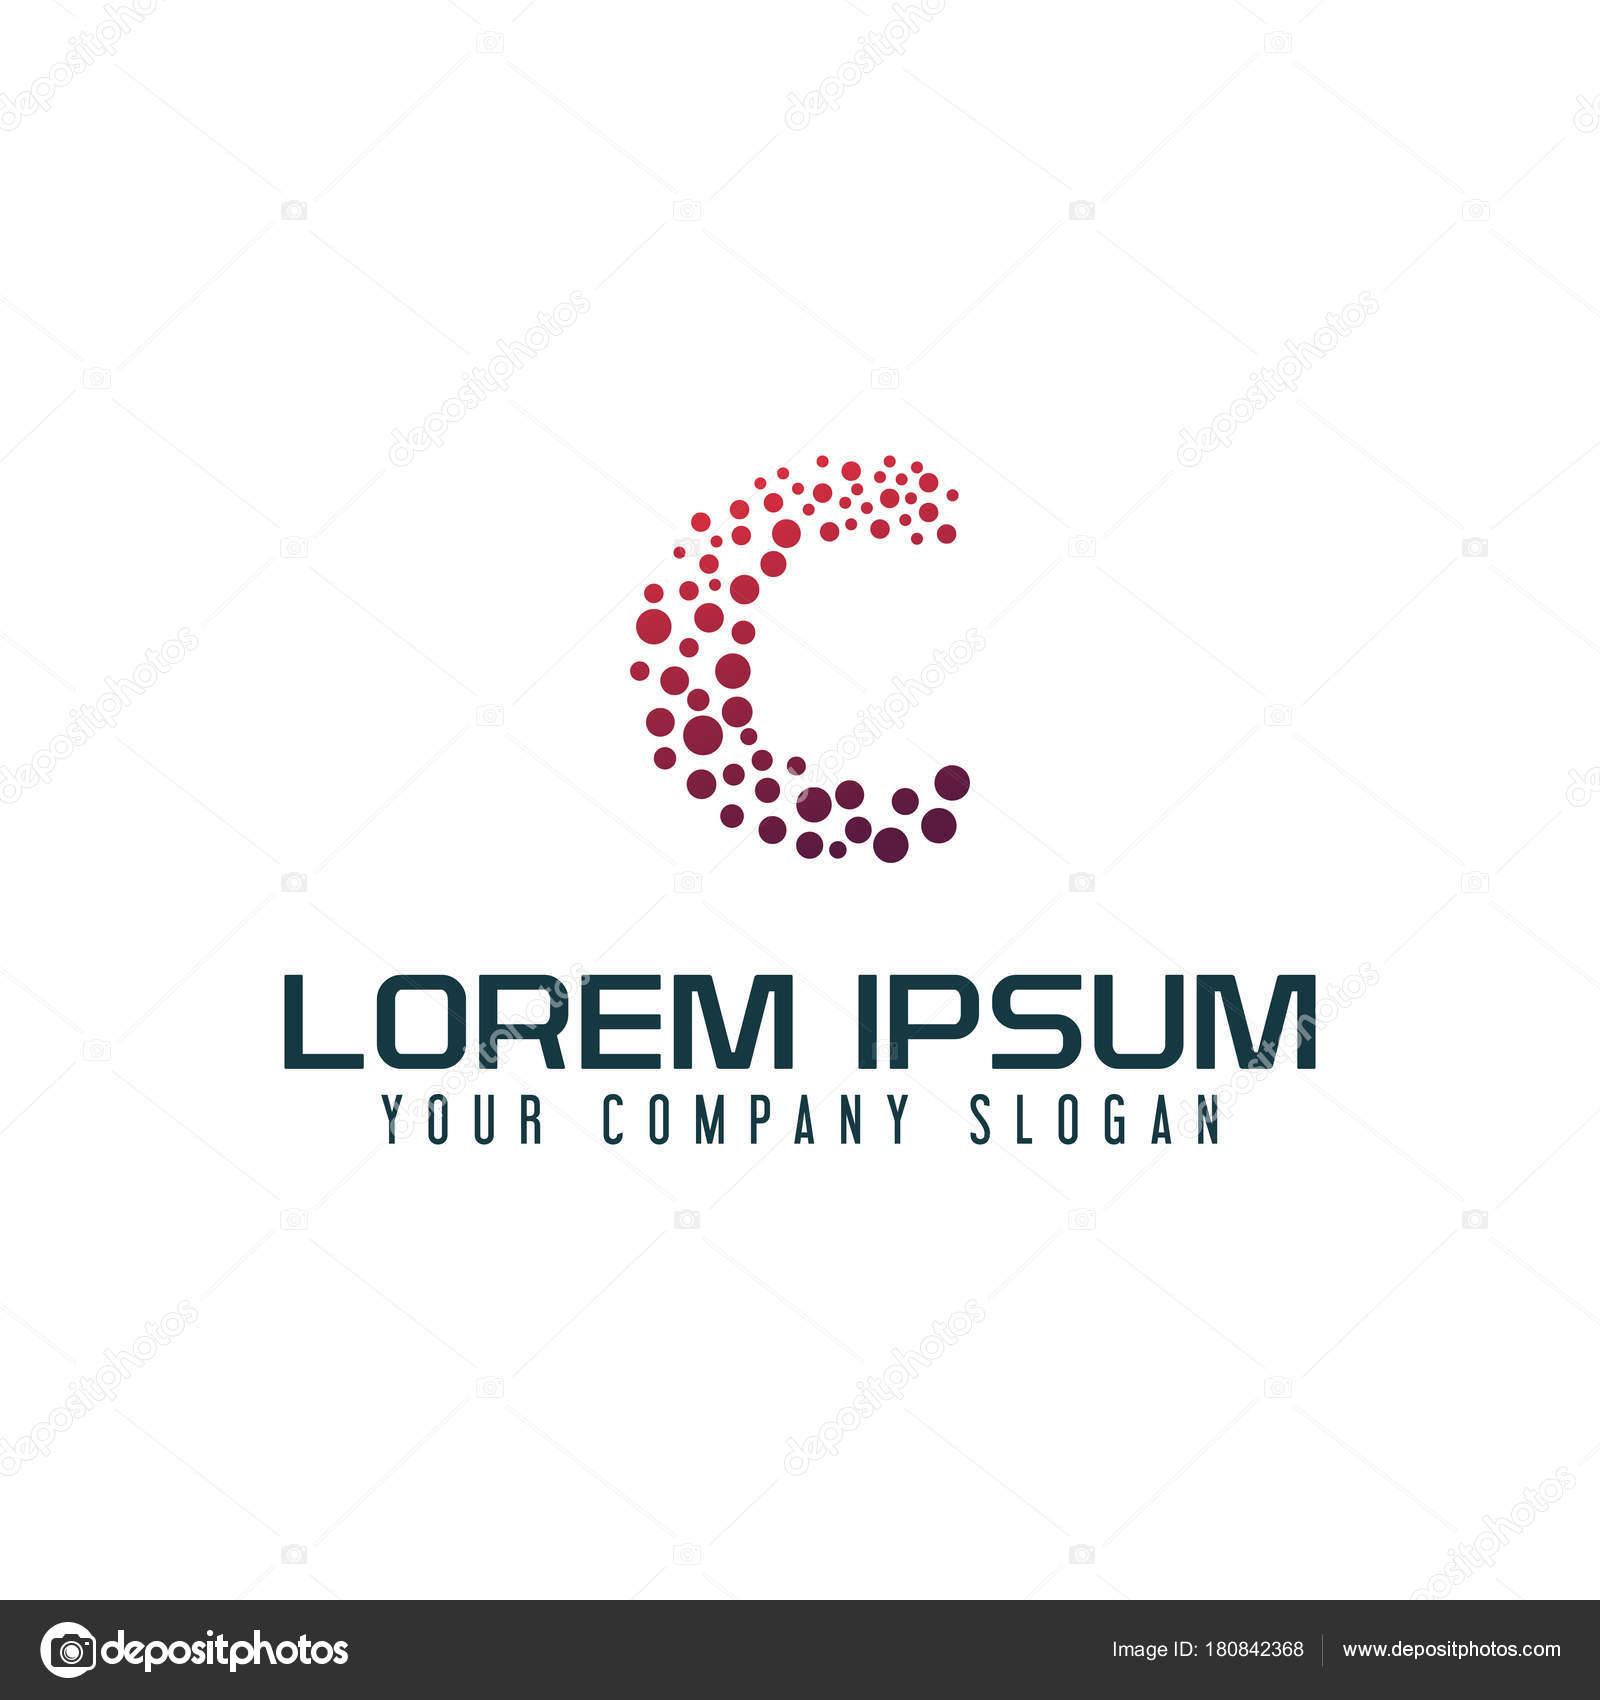 0b0847fab8 Modelo de carta C internet logotipo design conceito — Vetores de Stock